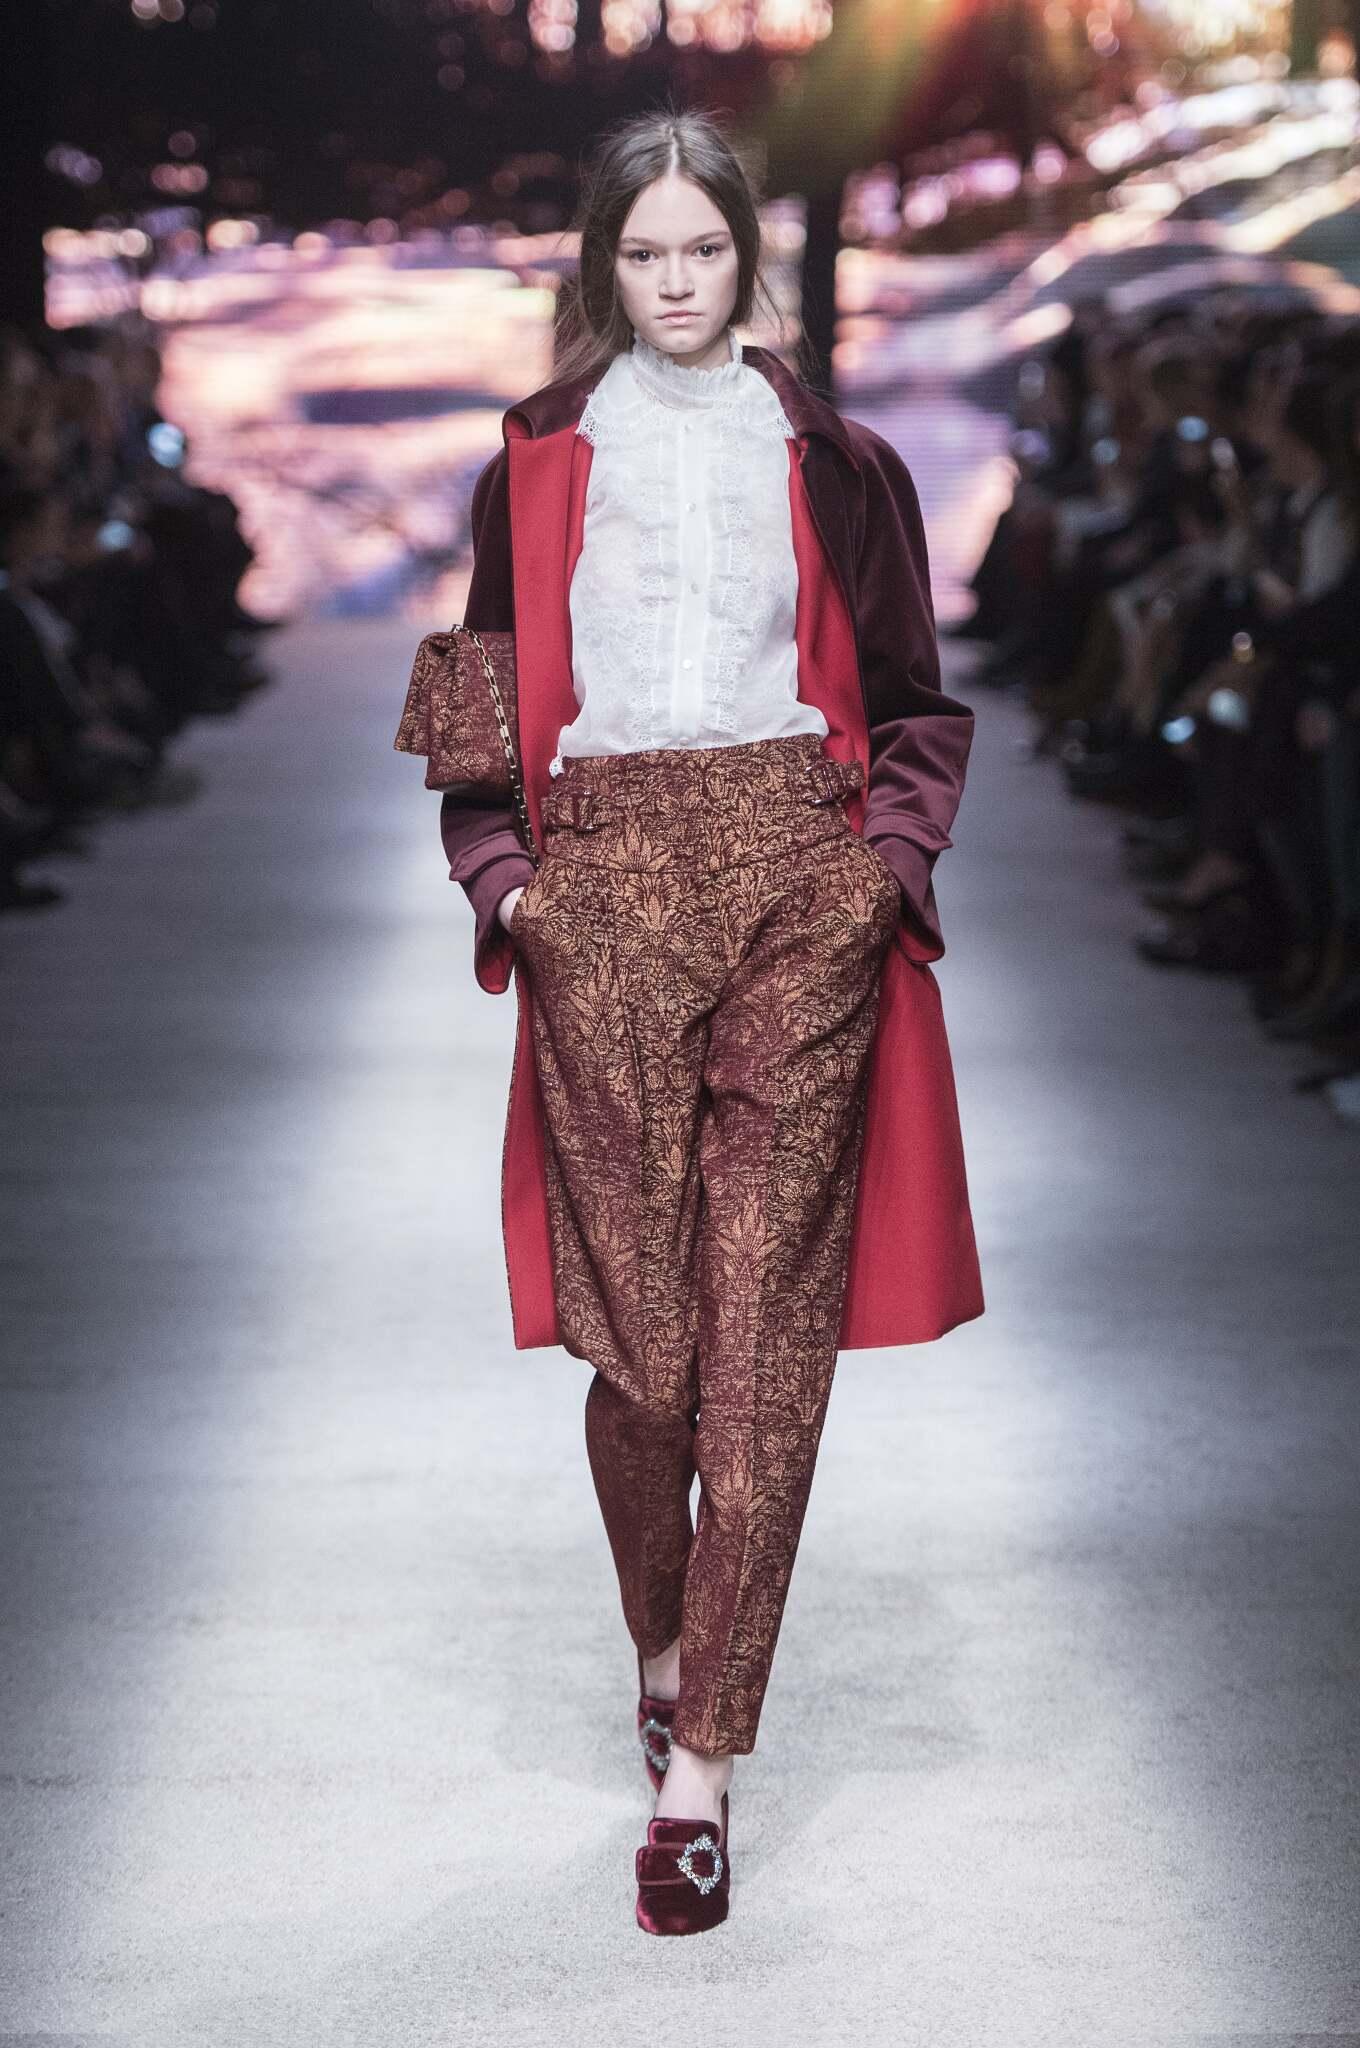 2016 Fall Fashion Woman Alberta Ferretti Collection